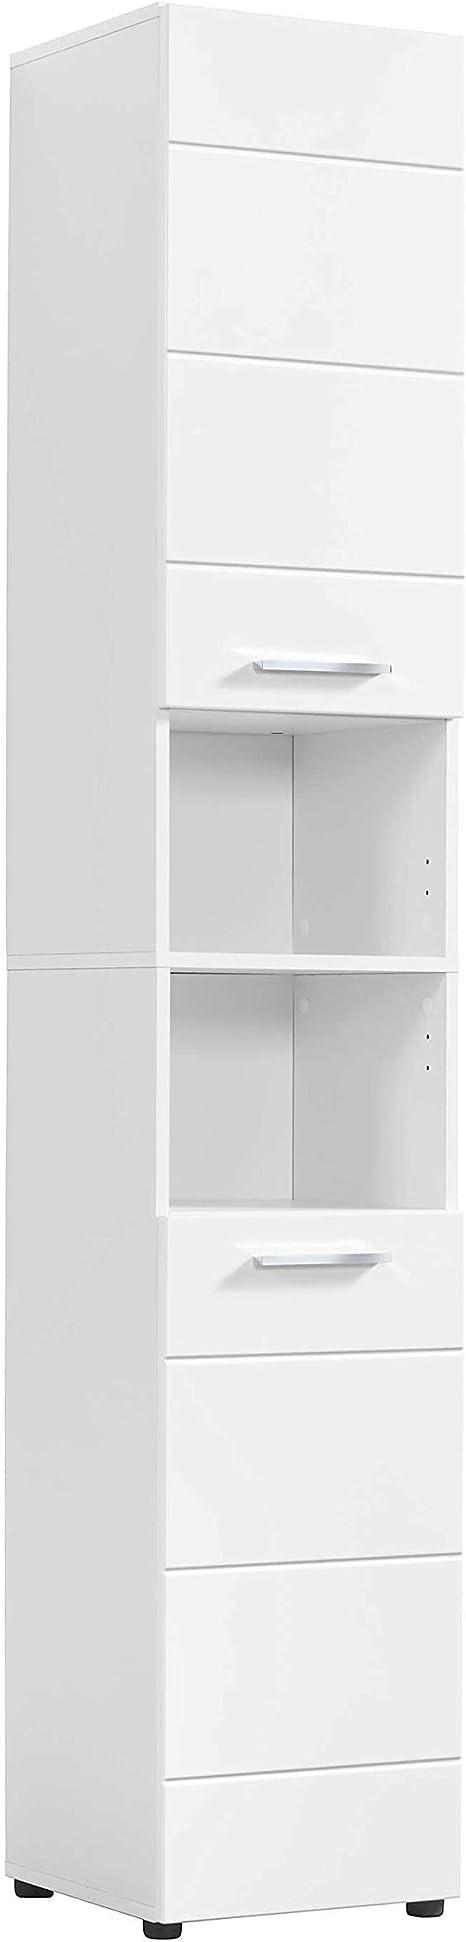 mokebo® Bad Hochschrank 'Der Kapitän', moderner Badschrank & Midischrank,  Made in Germany   20x20x20 B/H/T in cm